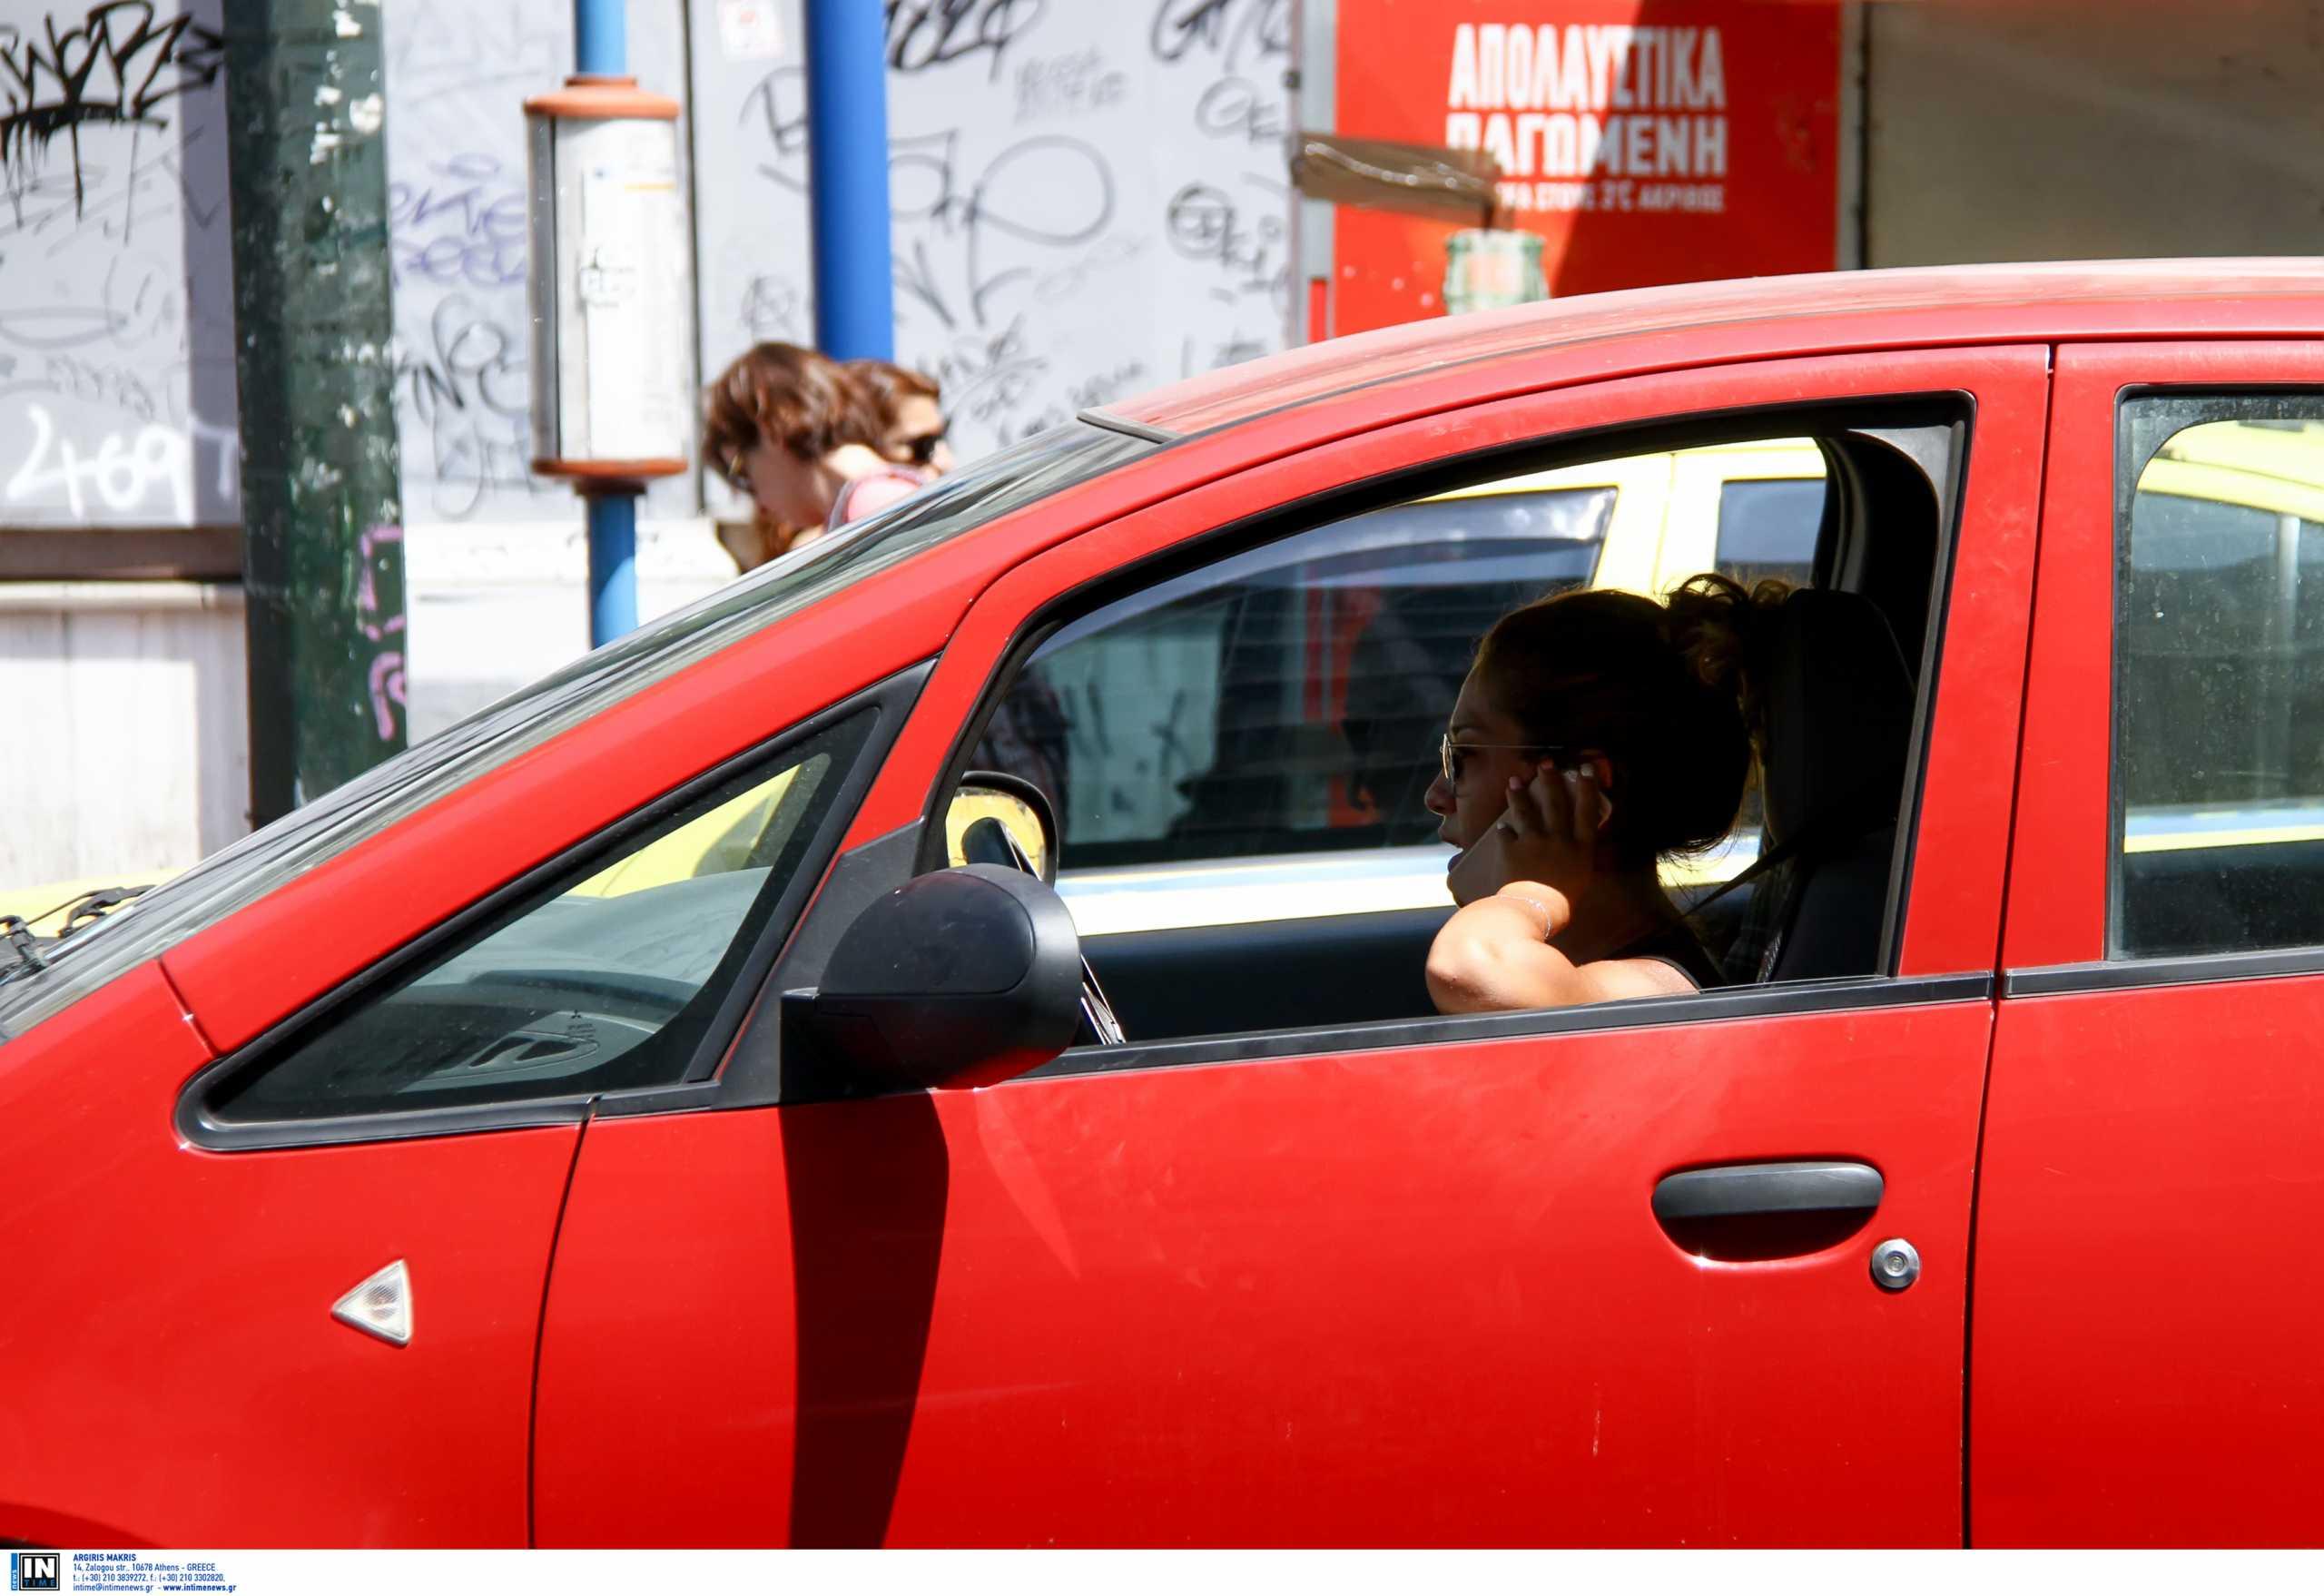 Σεισμός: Σοβαρά προβλήματα στις τηλεπικοινωνίες στο Βόλο από την ισχυρή δόνηση στην Ελασσόνα